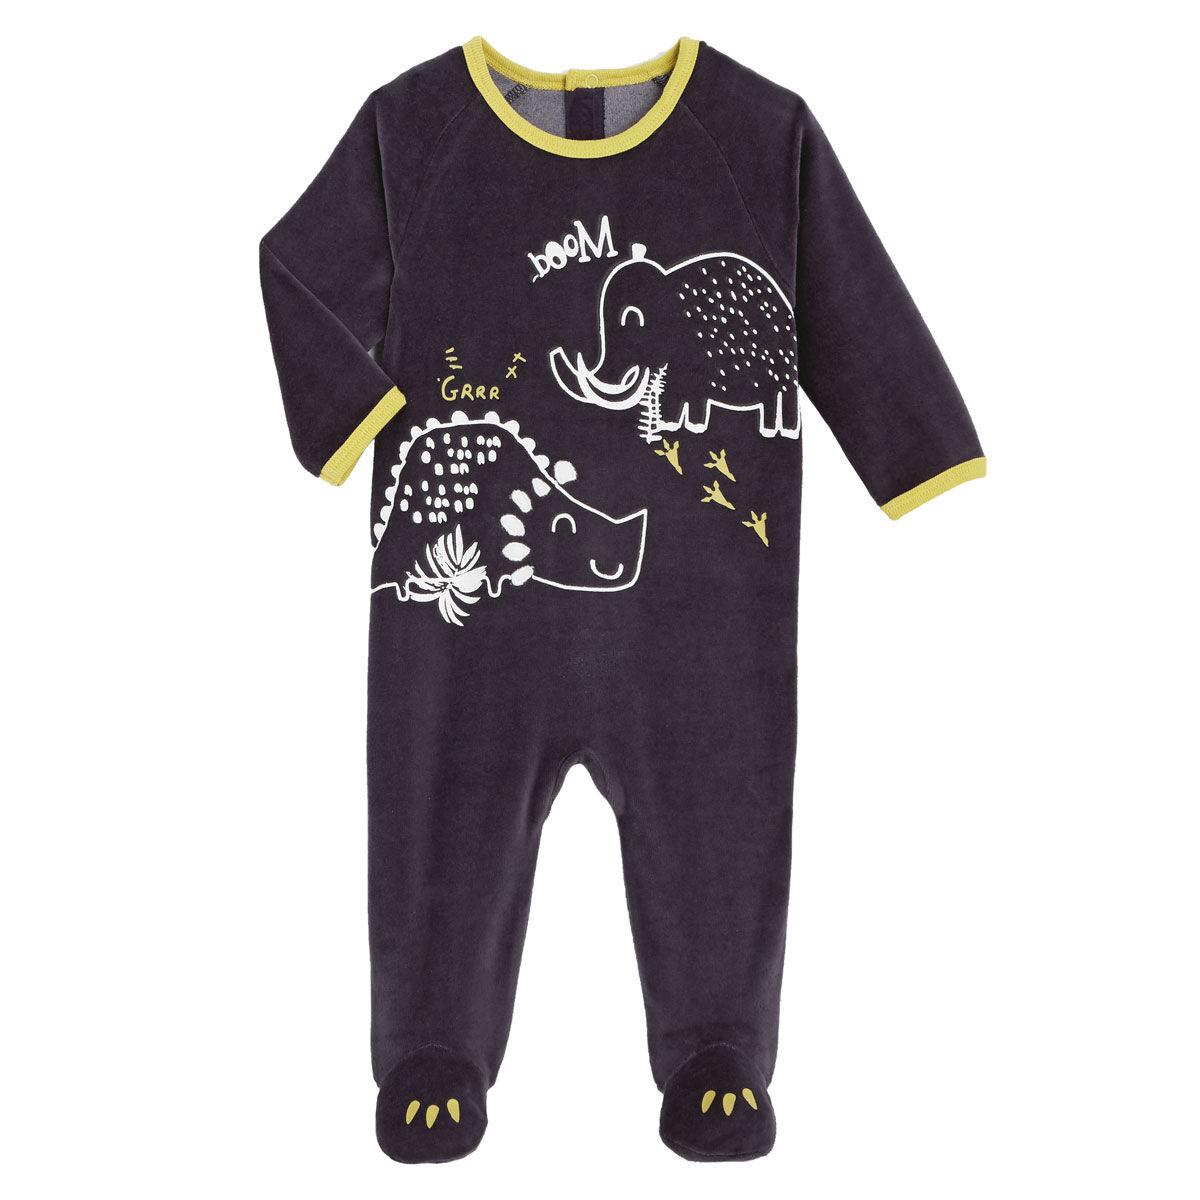 Petit Béguin Pyjama bébé en velours contenant du coton bio Marlon - Taille - 36 mois